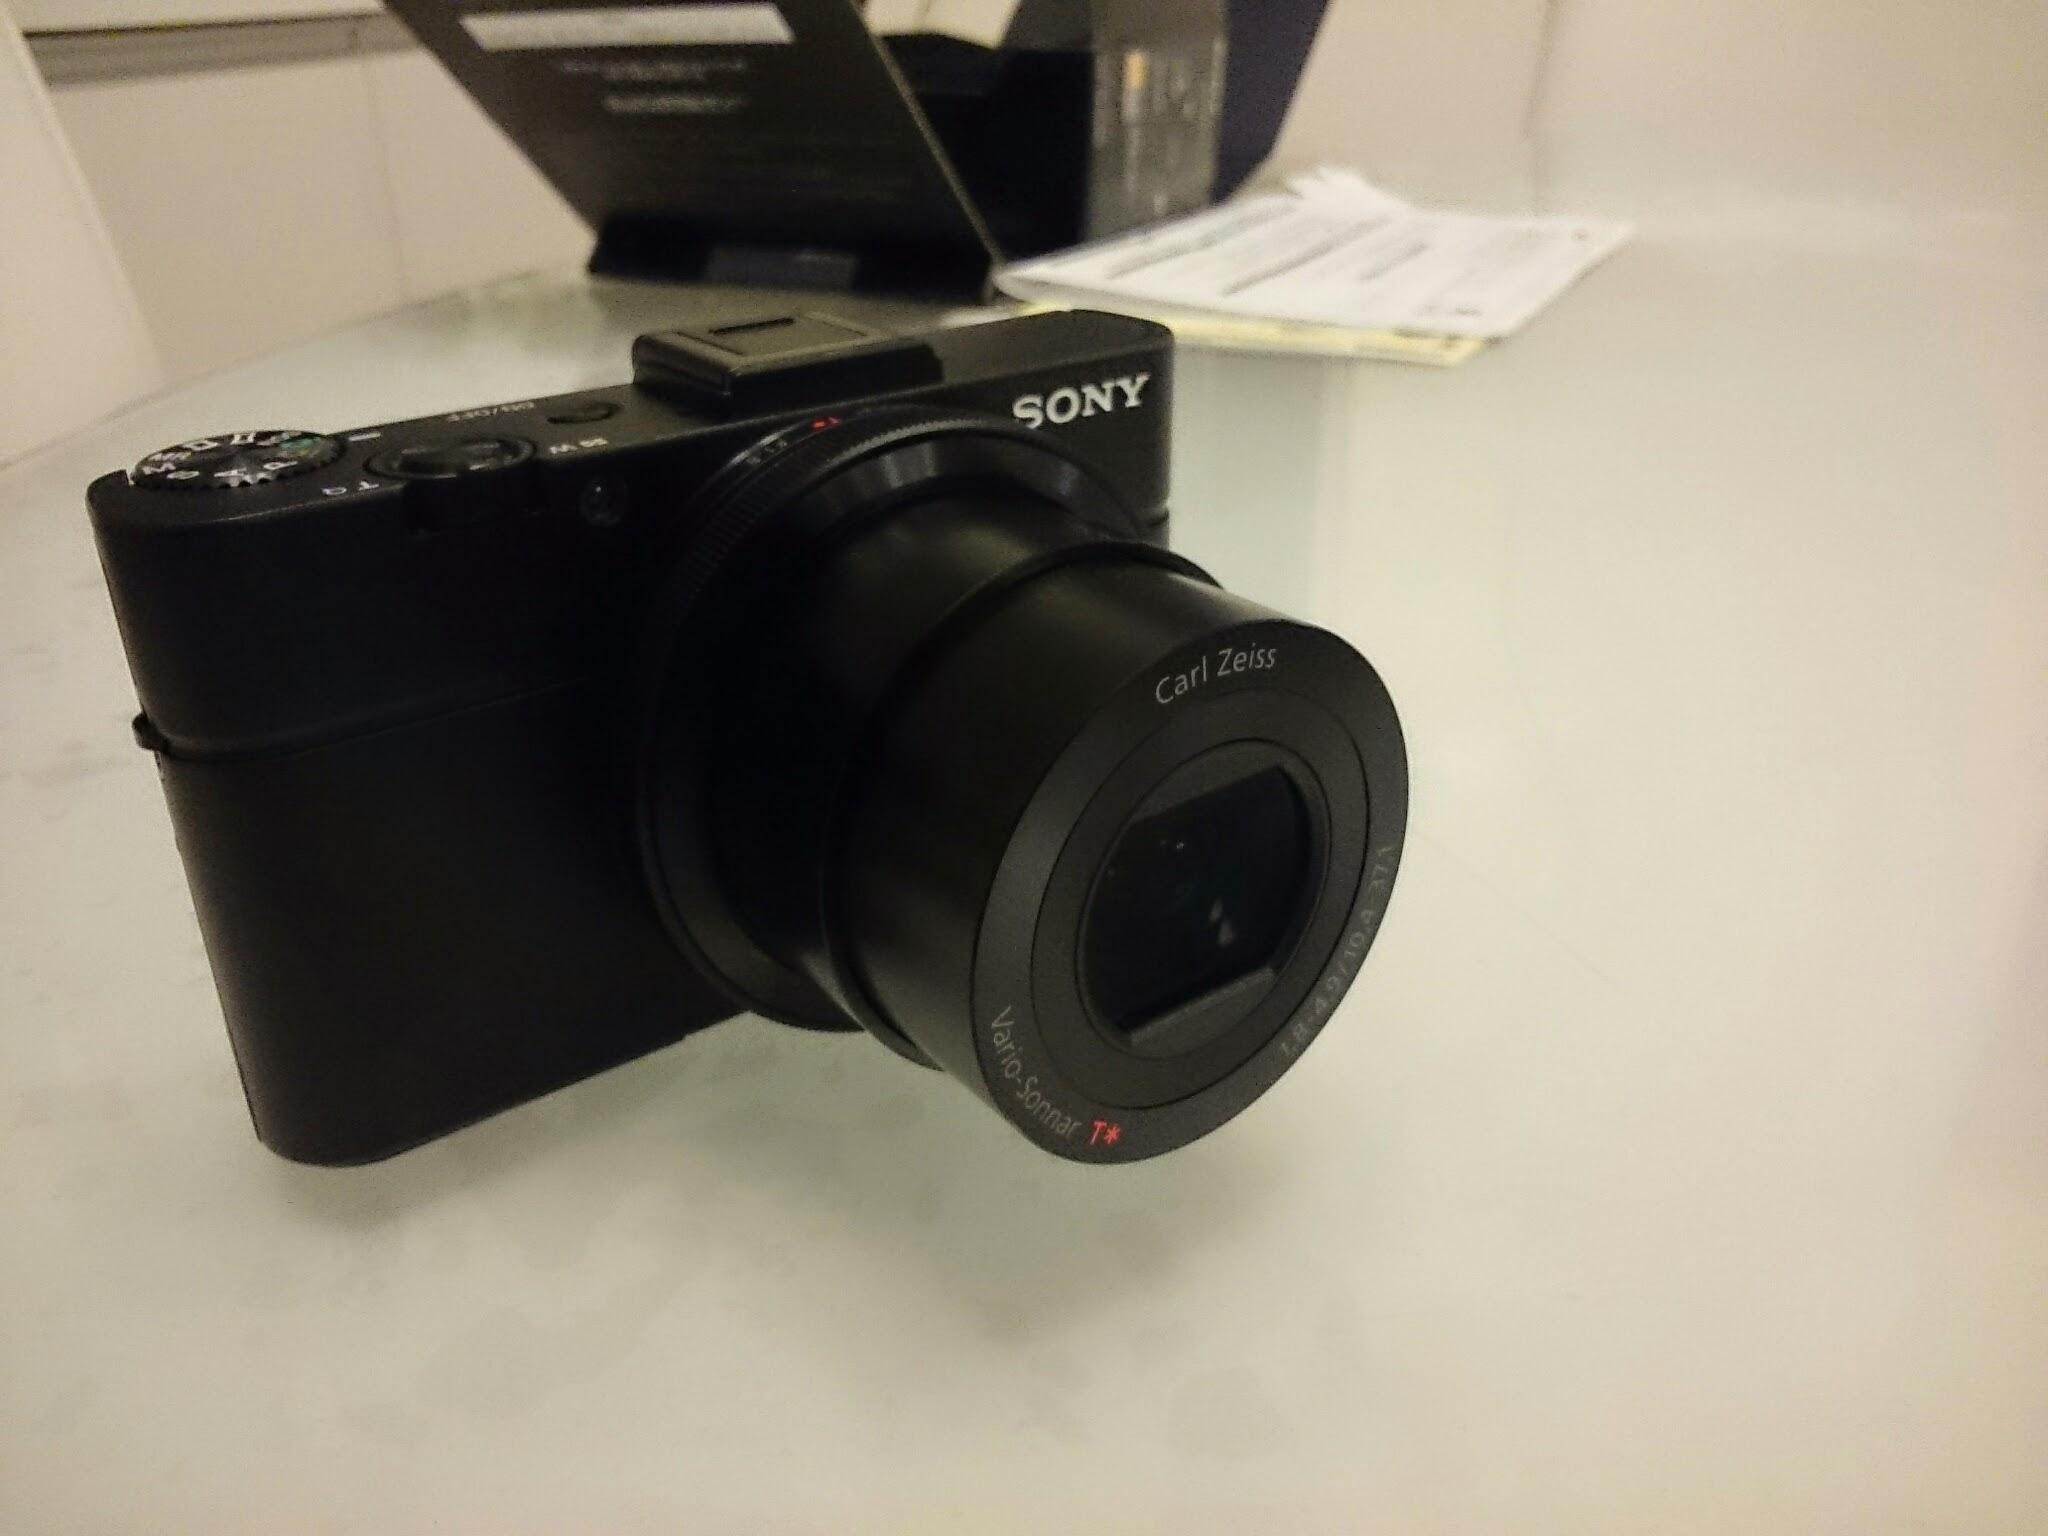 スマホカメラじゃ夜の撮影や商品撮影ができないのでソニーのDSC-RX100M2を買ってみた